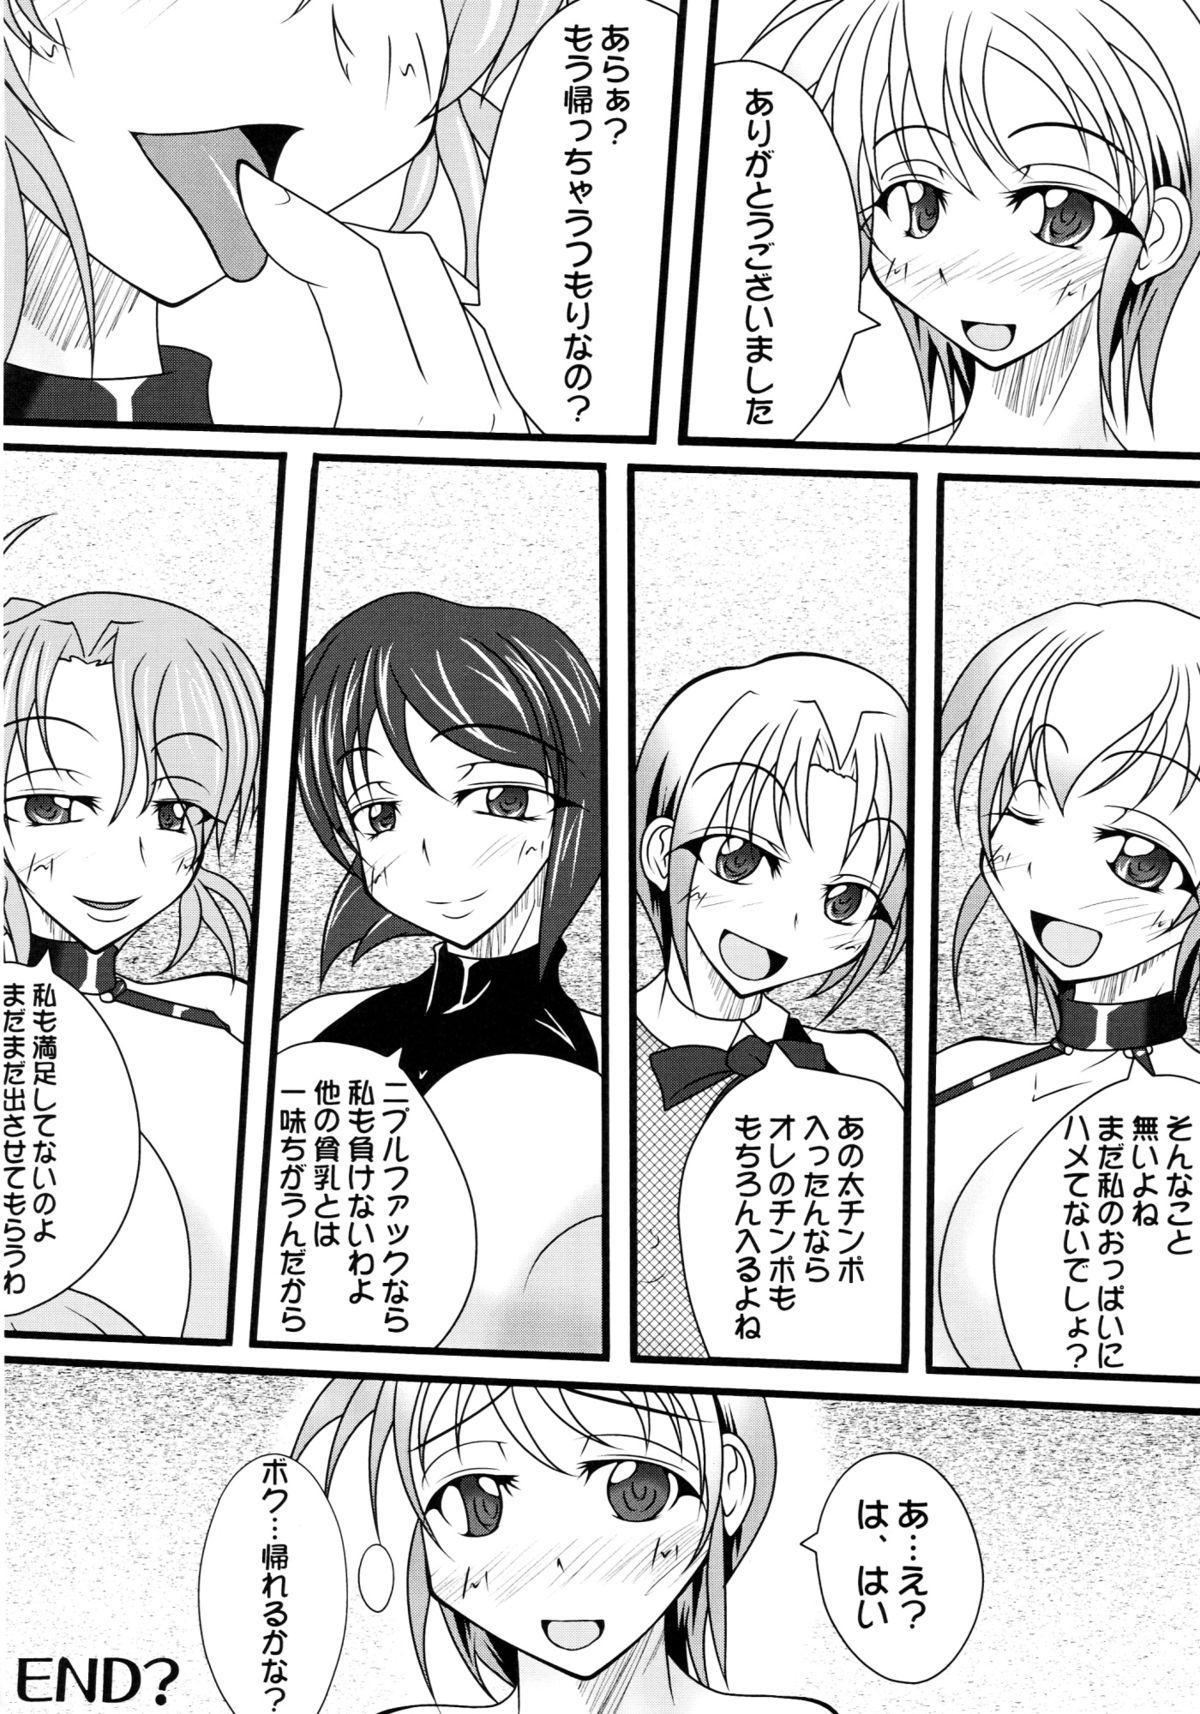 Nikuen no Yakata 23